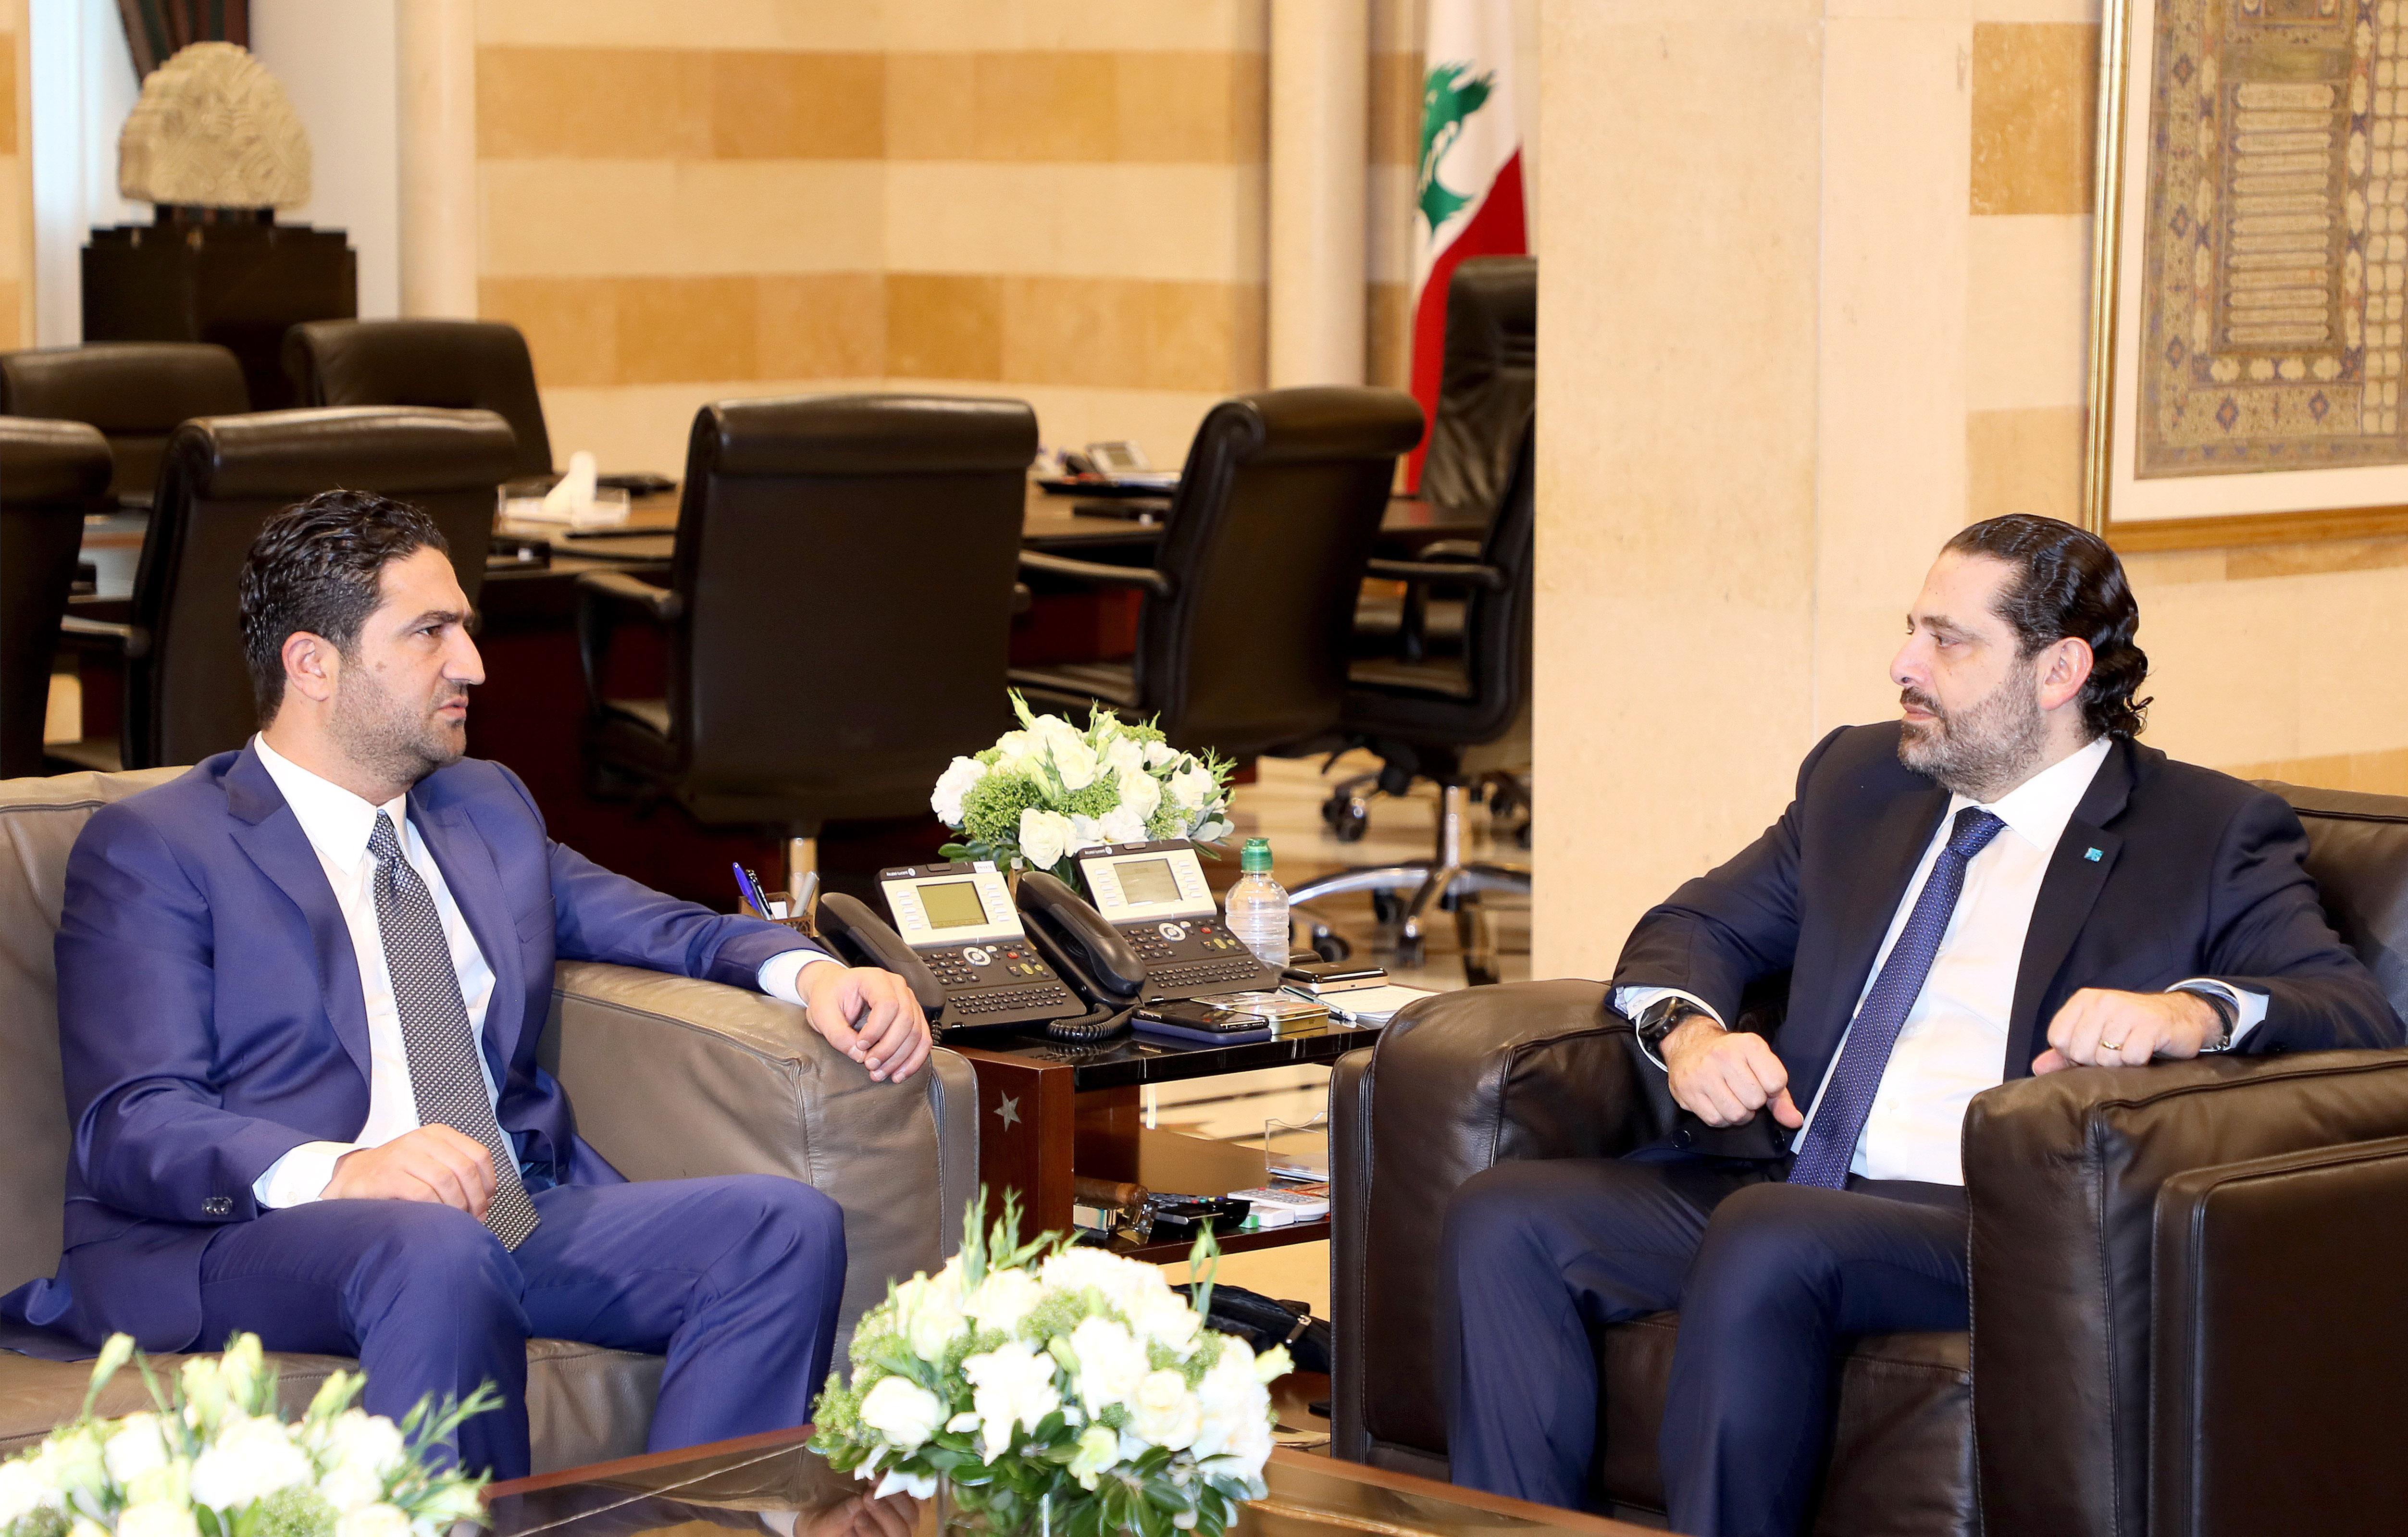 Pr Minister Saad Hariri meets Minister Saleh al Gharib